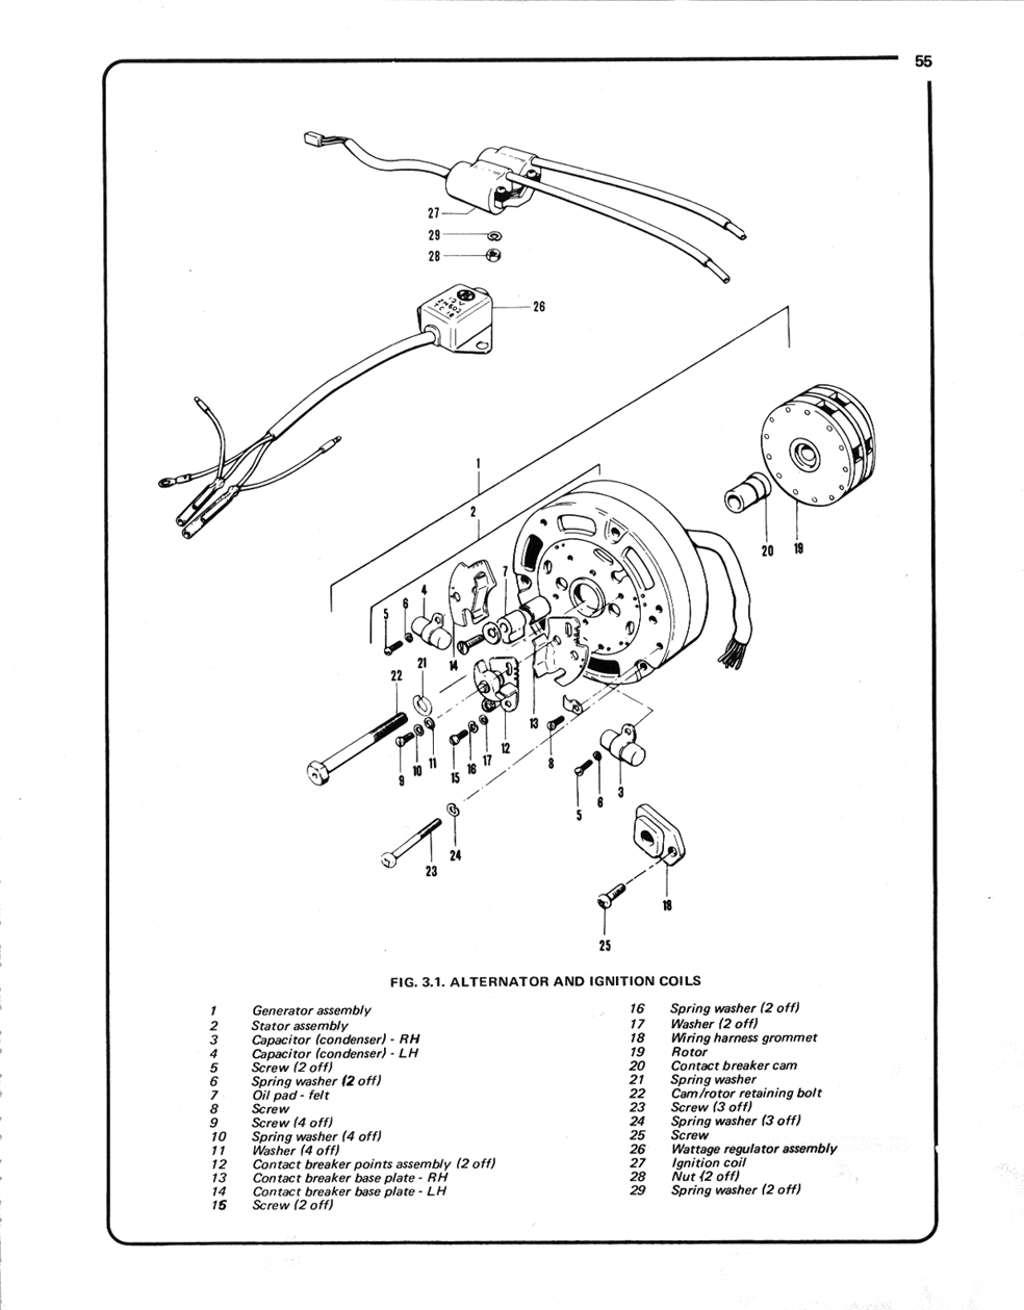 hight resolution of suzuki gt500 wiring diagram wiring library suzuki gt500 wiring diagram